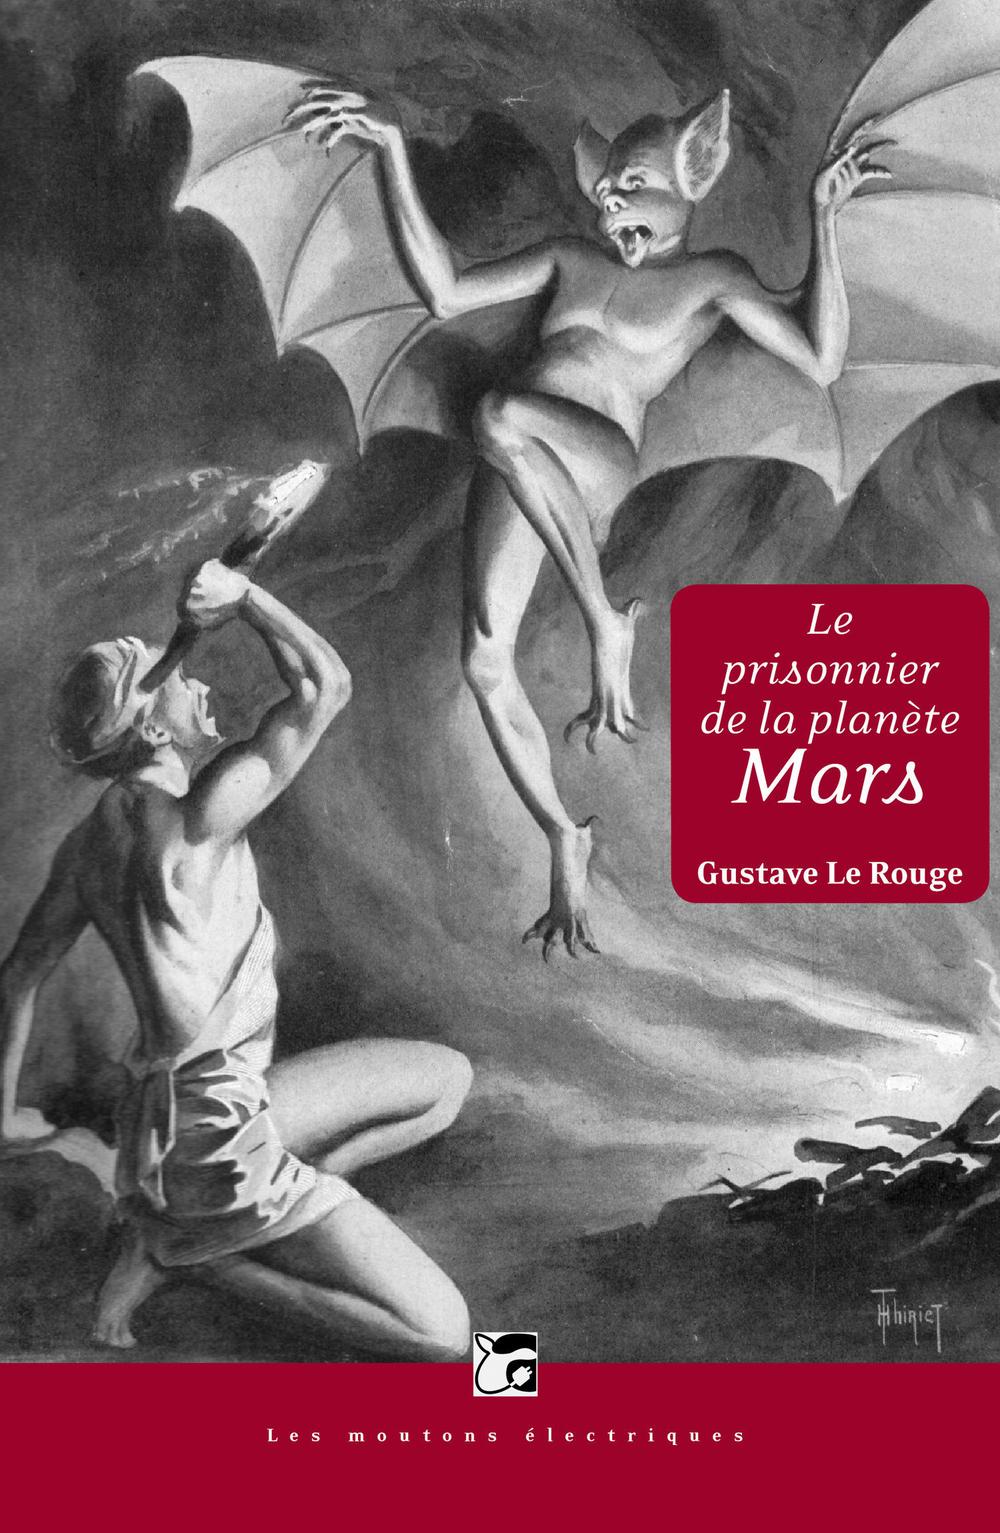 Le Prisonnier de la planète Mars